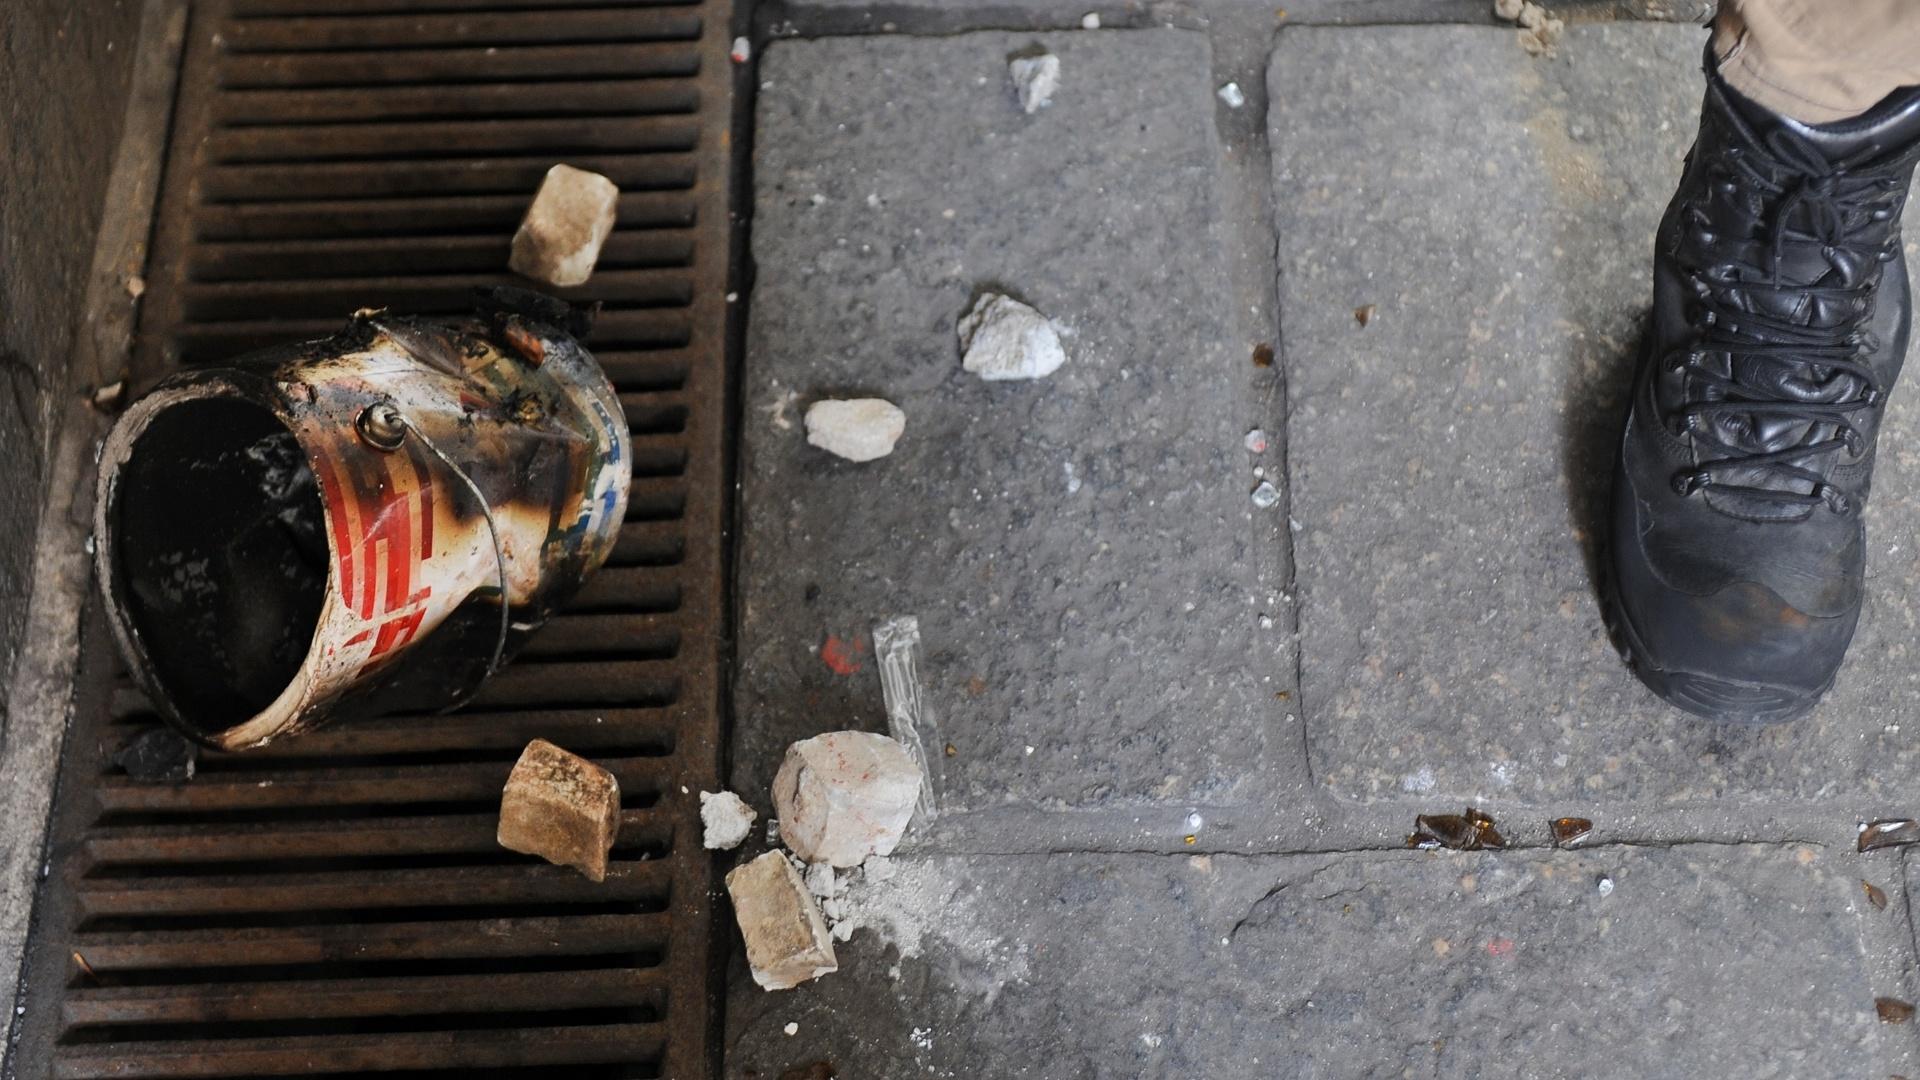 8.set.2013 - Pedras e uma lata queimada na calçada da Câmara de Vereadores do Rio de Janeiro, na manhã seguinte ao protesto em apoio a professores em greve na noite de segunda-feira (7) na Cinelândia, zona central da cidade